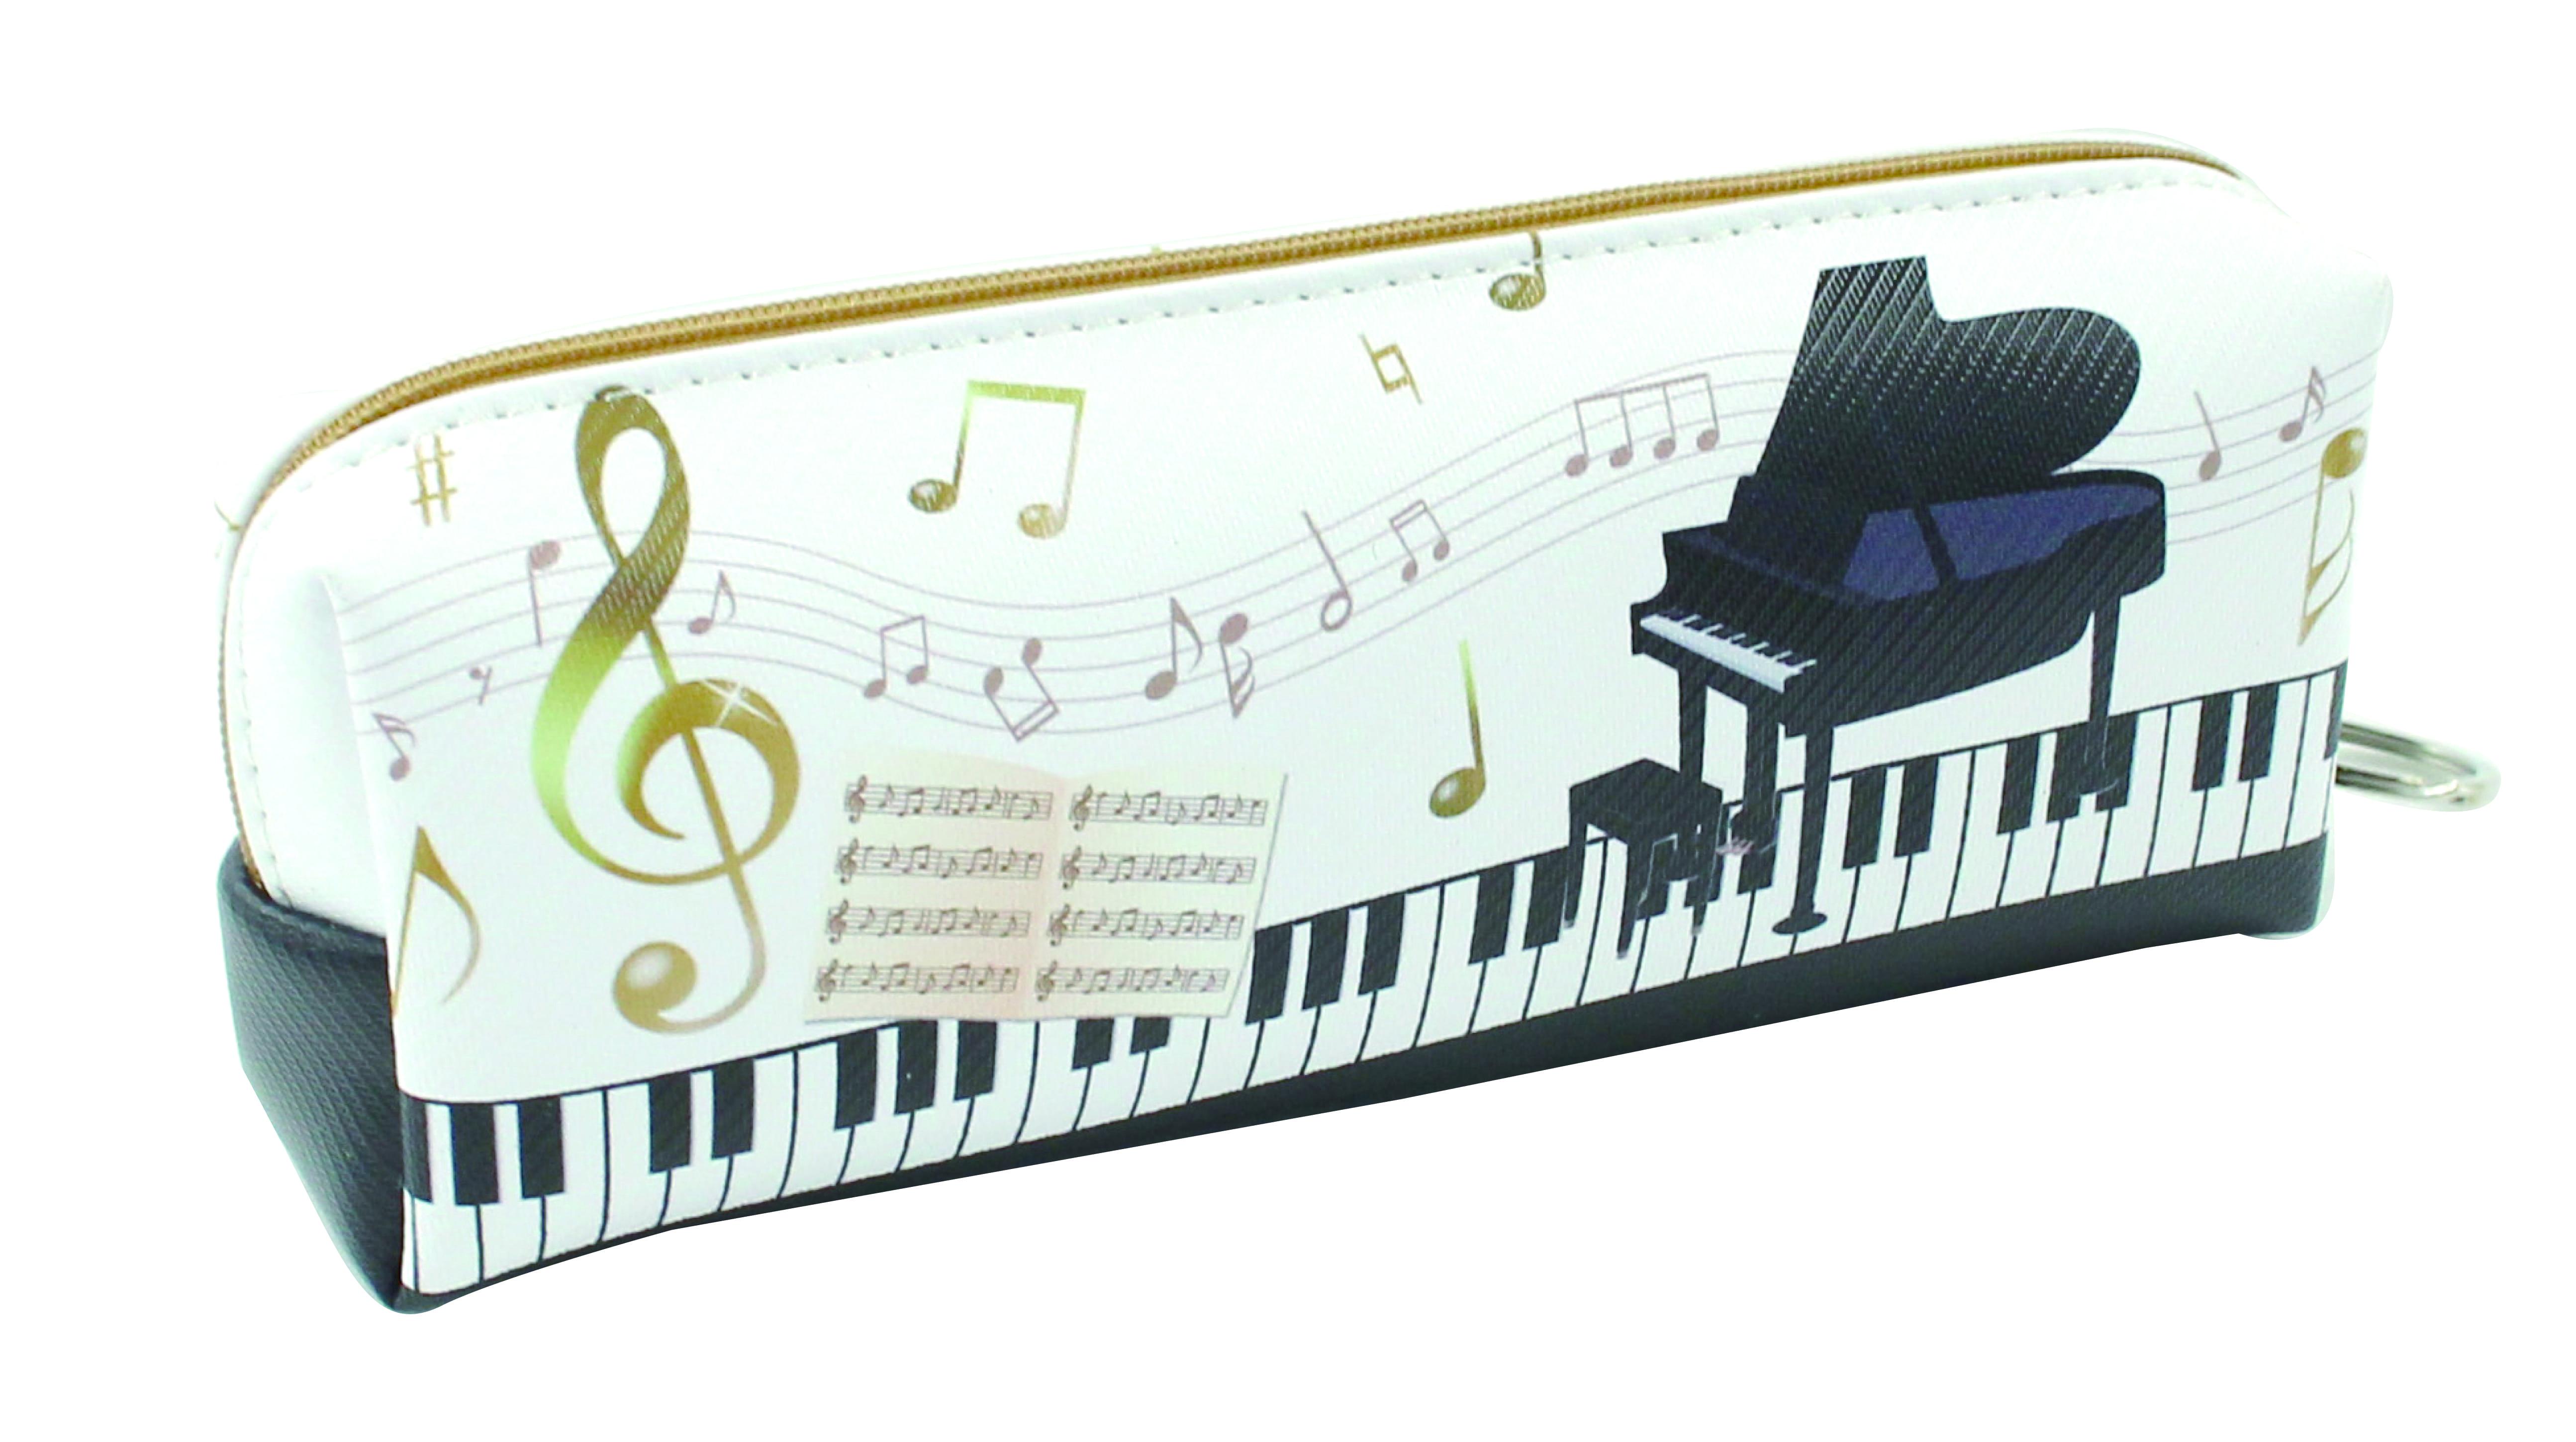 ピアノペンケース ※お取り寄せ商品 引き出物 記念品 音楽雑貨 音符 ピアノモチーフ ト音記号 ピアノ雑貨